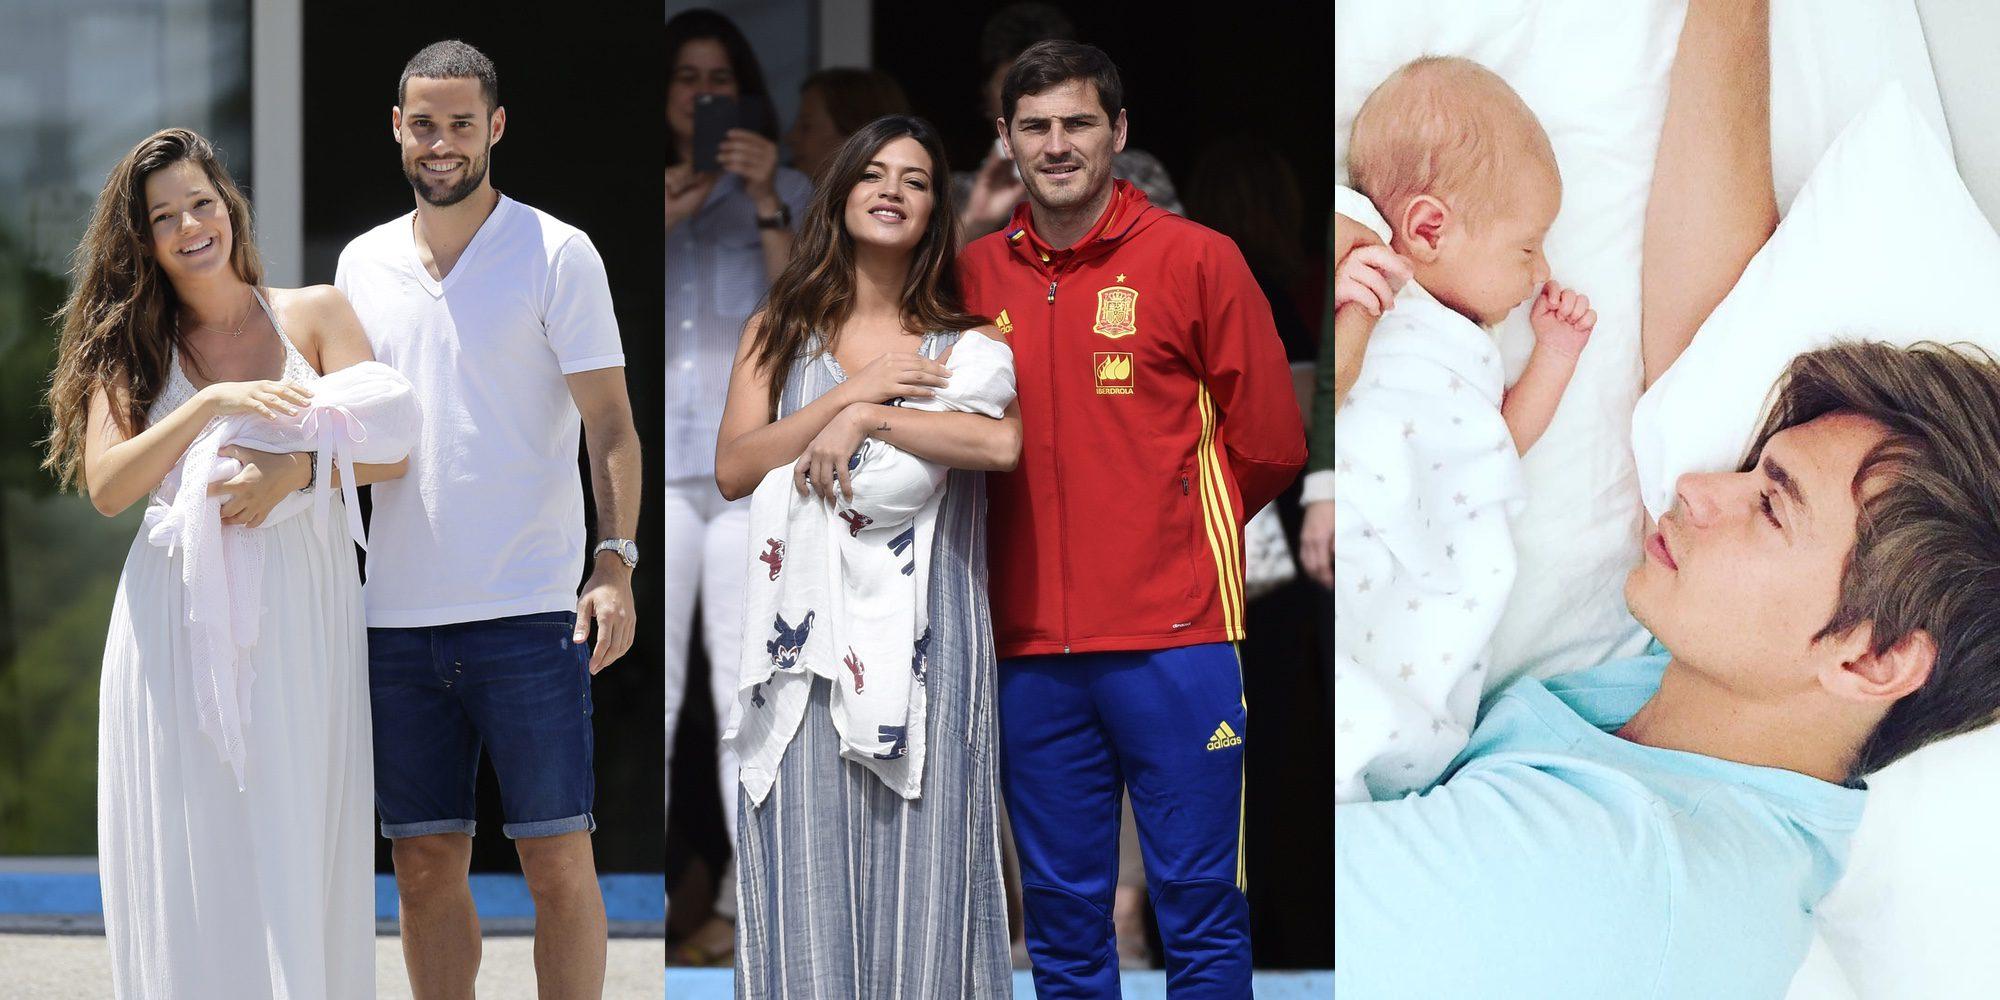 Lucas Casillas, Matilda Suárez, Markuss Baute, Ginevra Lequio... los bebés del verano 2016